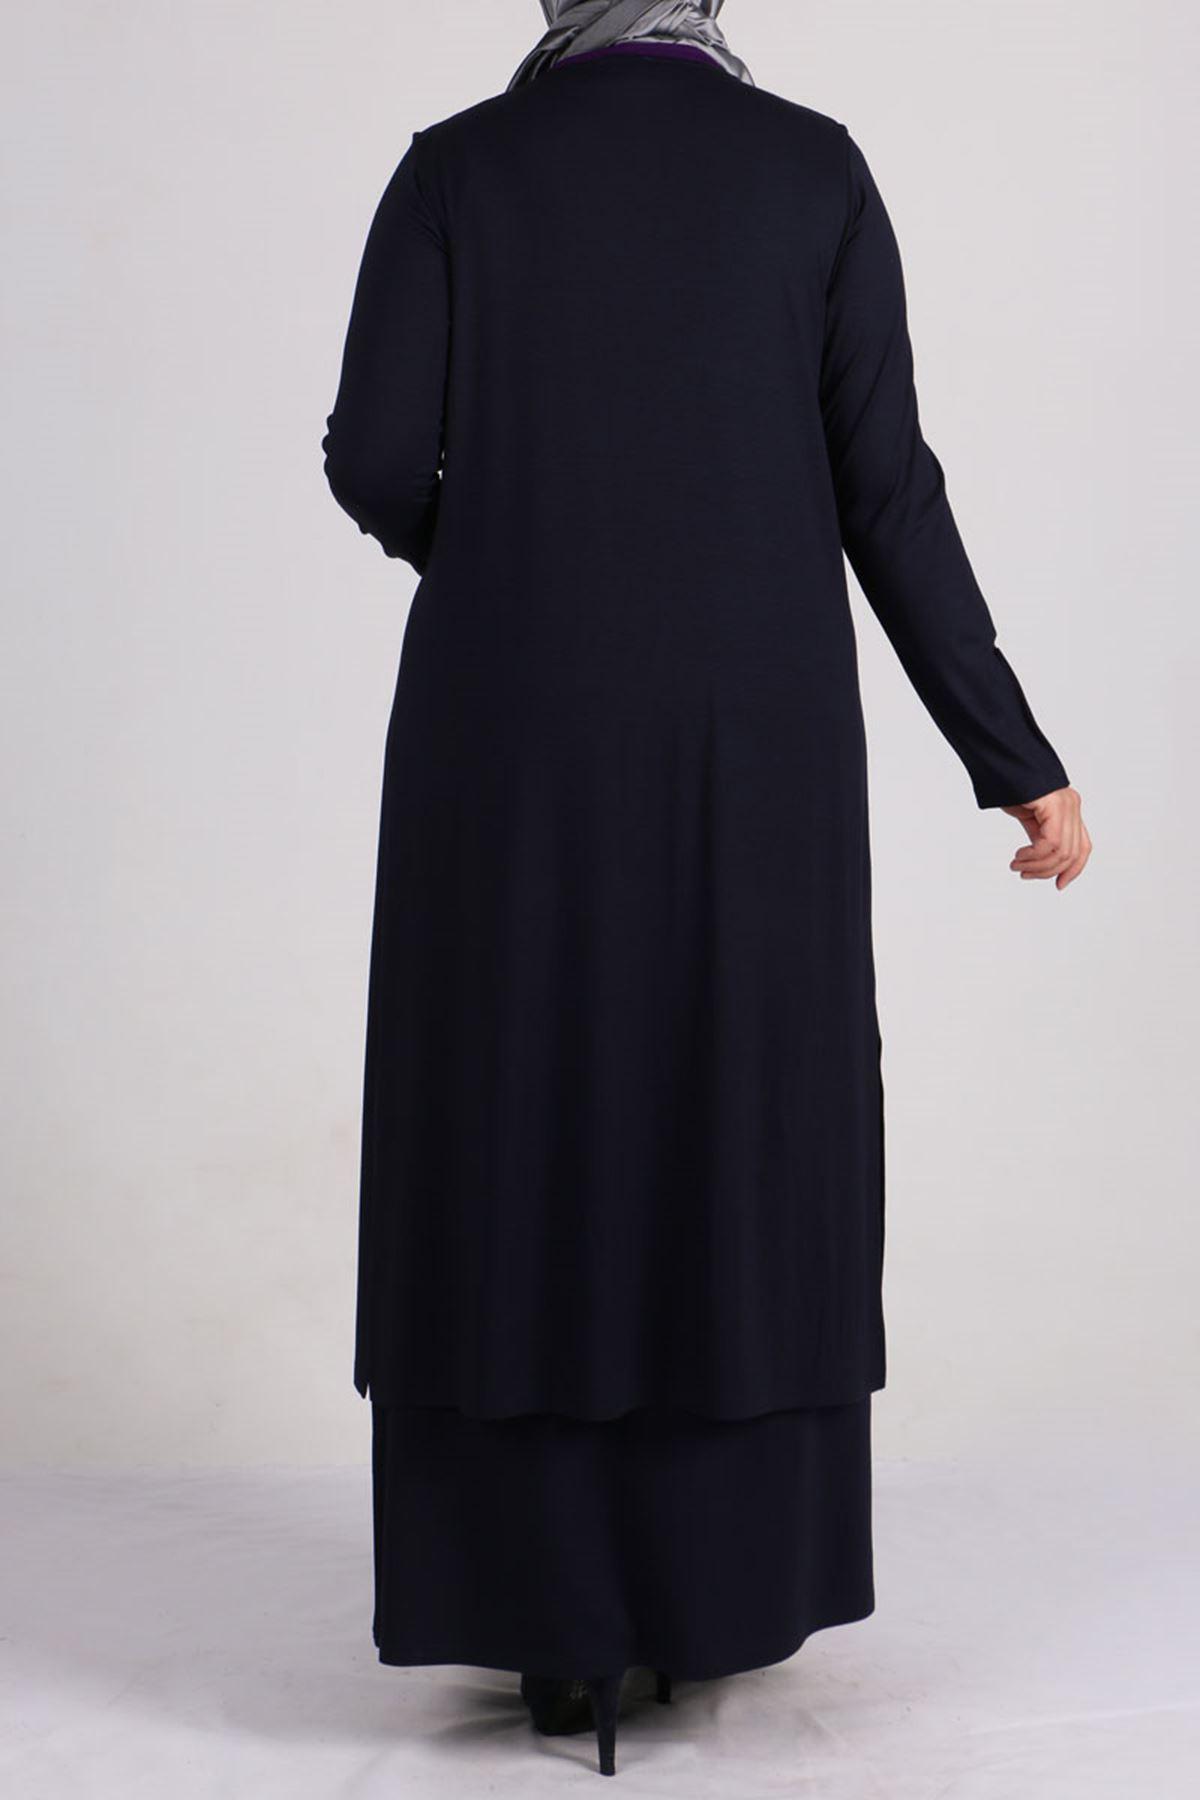 7211 طقم فستان و سترة بدون أكمام  مقاس كبير - أحمر كلاريت